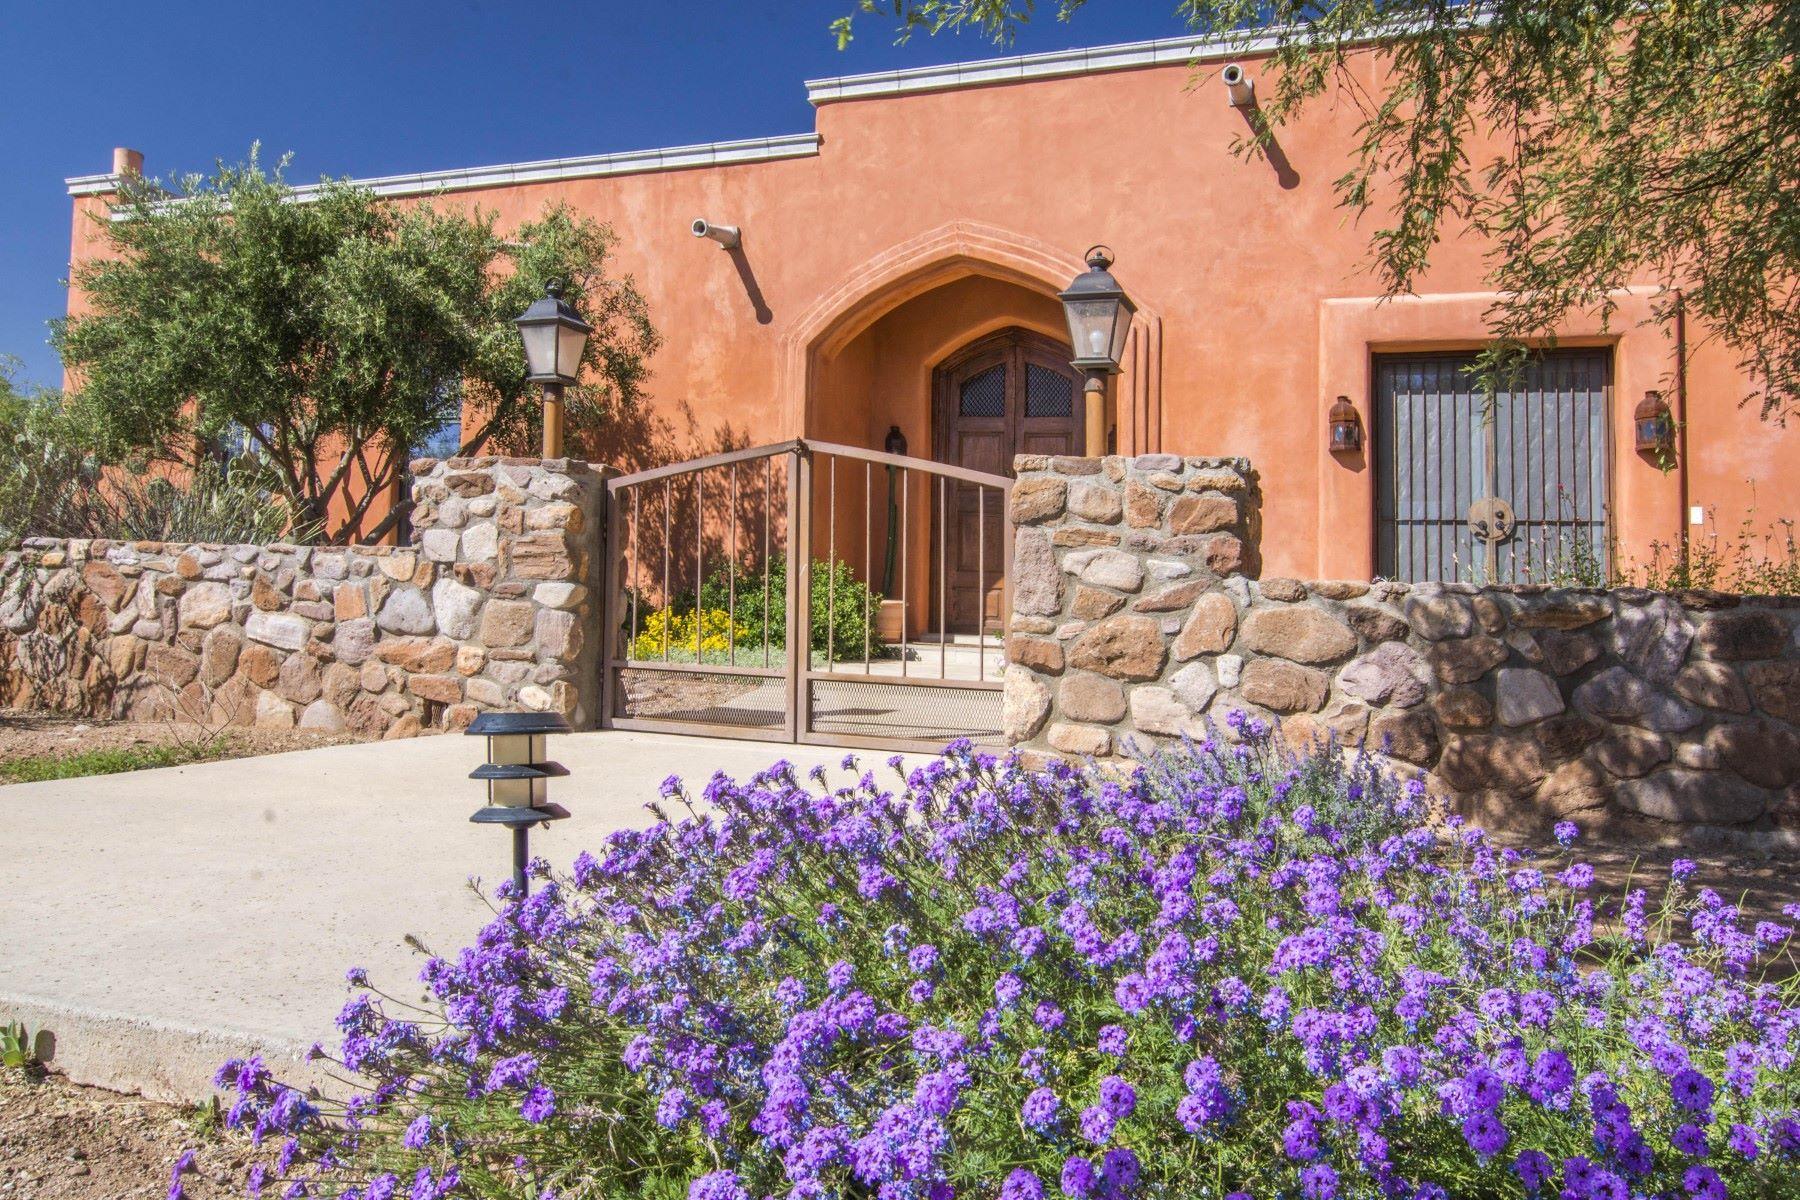 Maison unifamiliale pour l Vente à Beautiful territorial home in Tubac Arizona 7 Camino Cocinero Tubac, Arizona, 85646 États-Unis